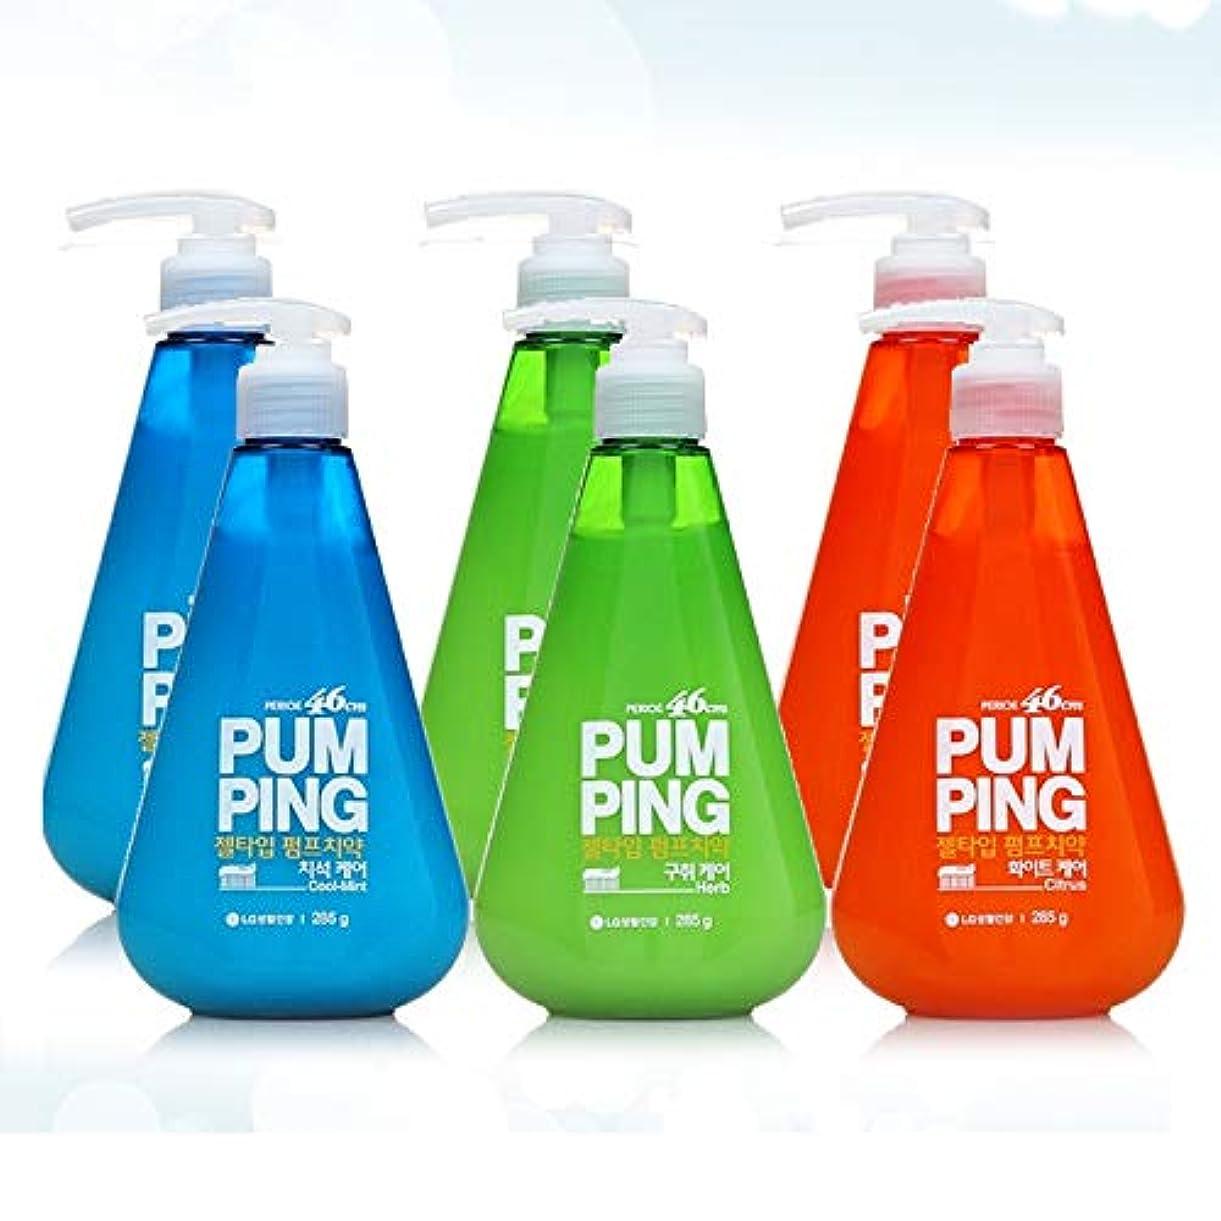 期限食料品店スラック[LG HnB] Perio 46cm pumped toothpaste / ペリオ46cmポンピング歯磨き粉 285gx6個(海外直送品)